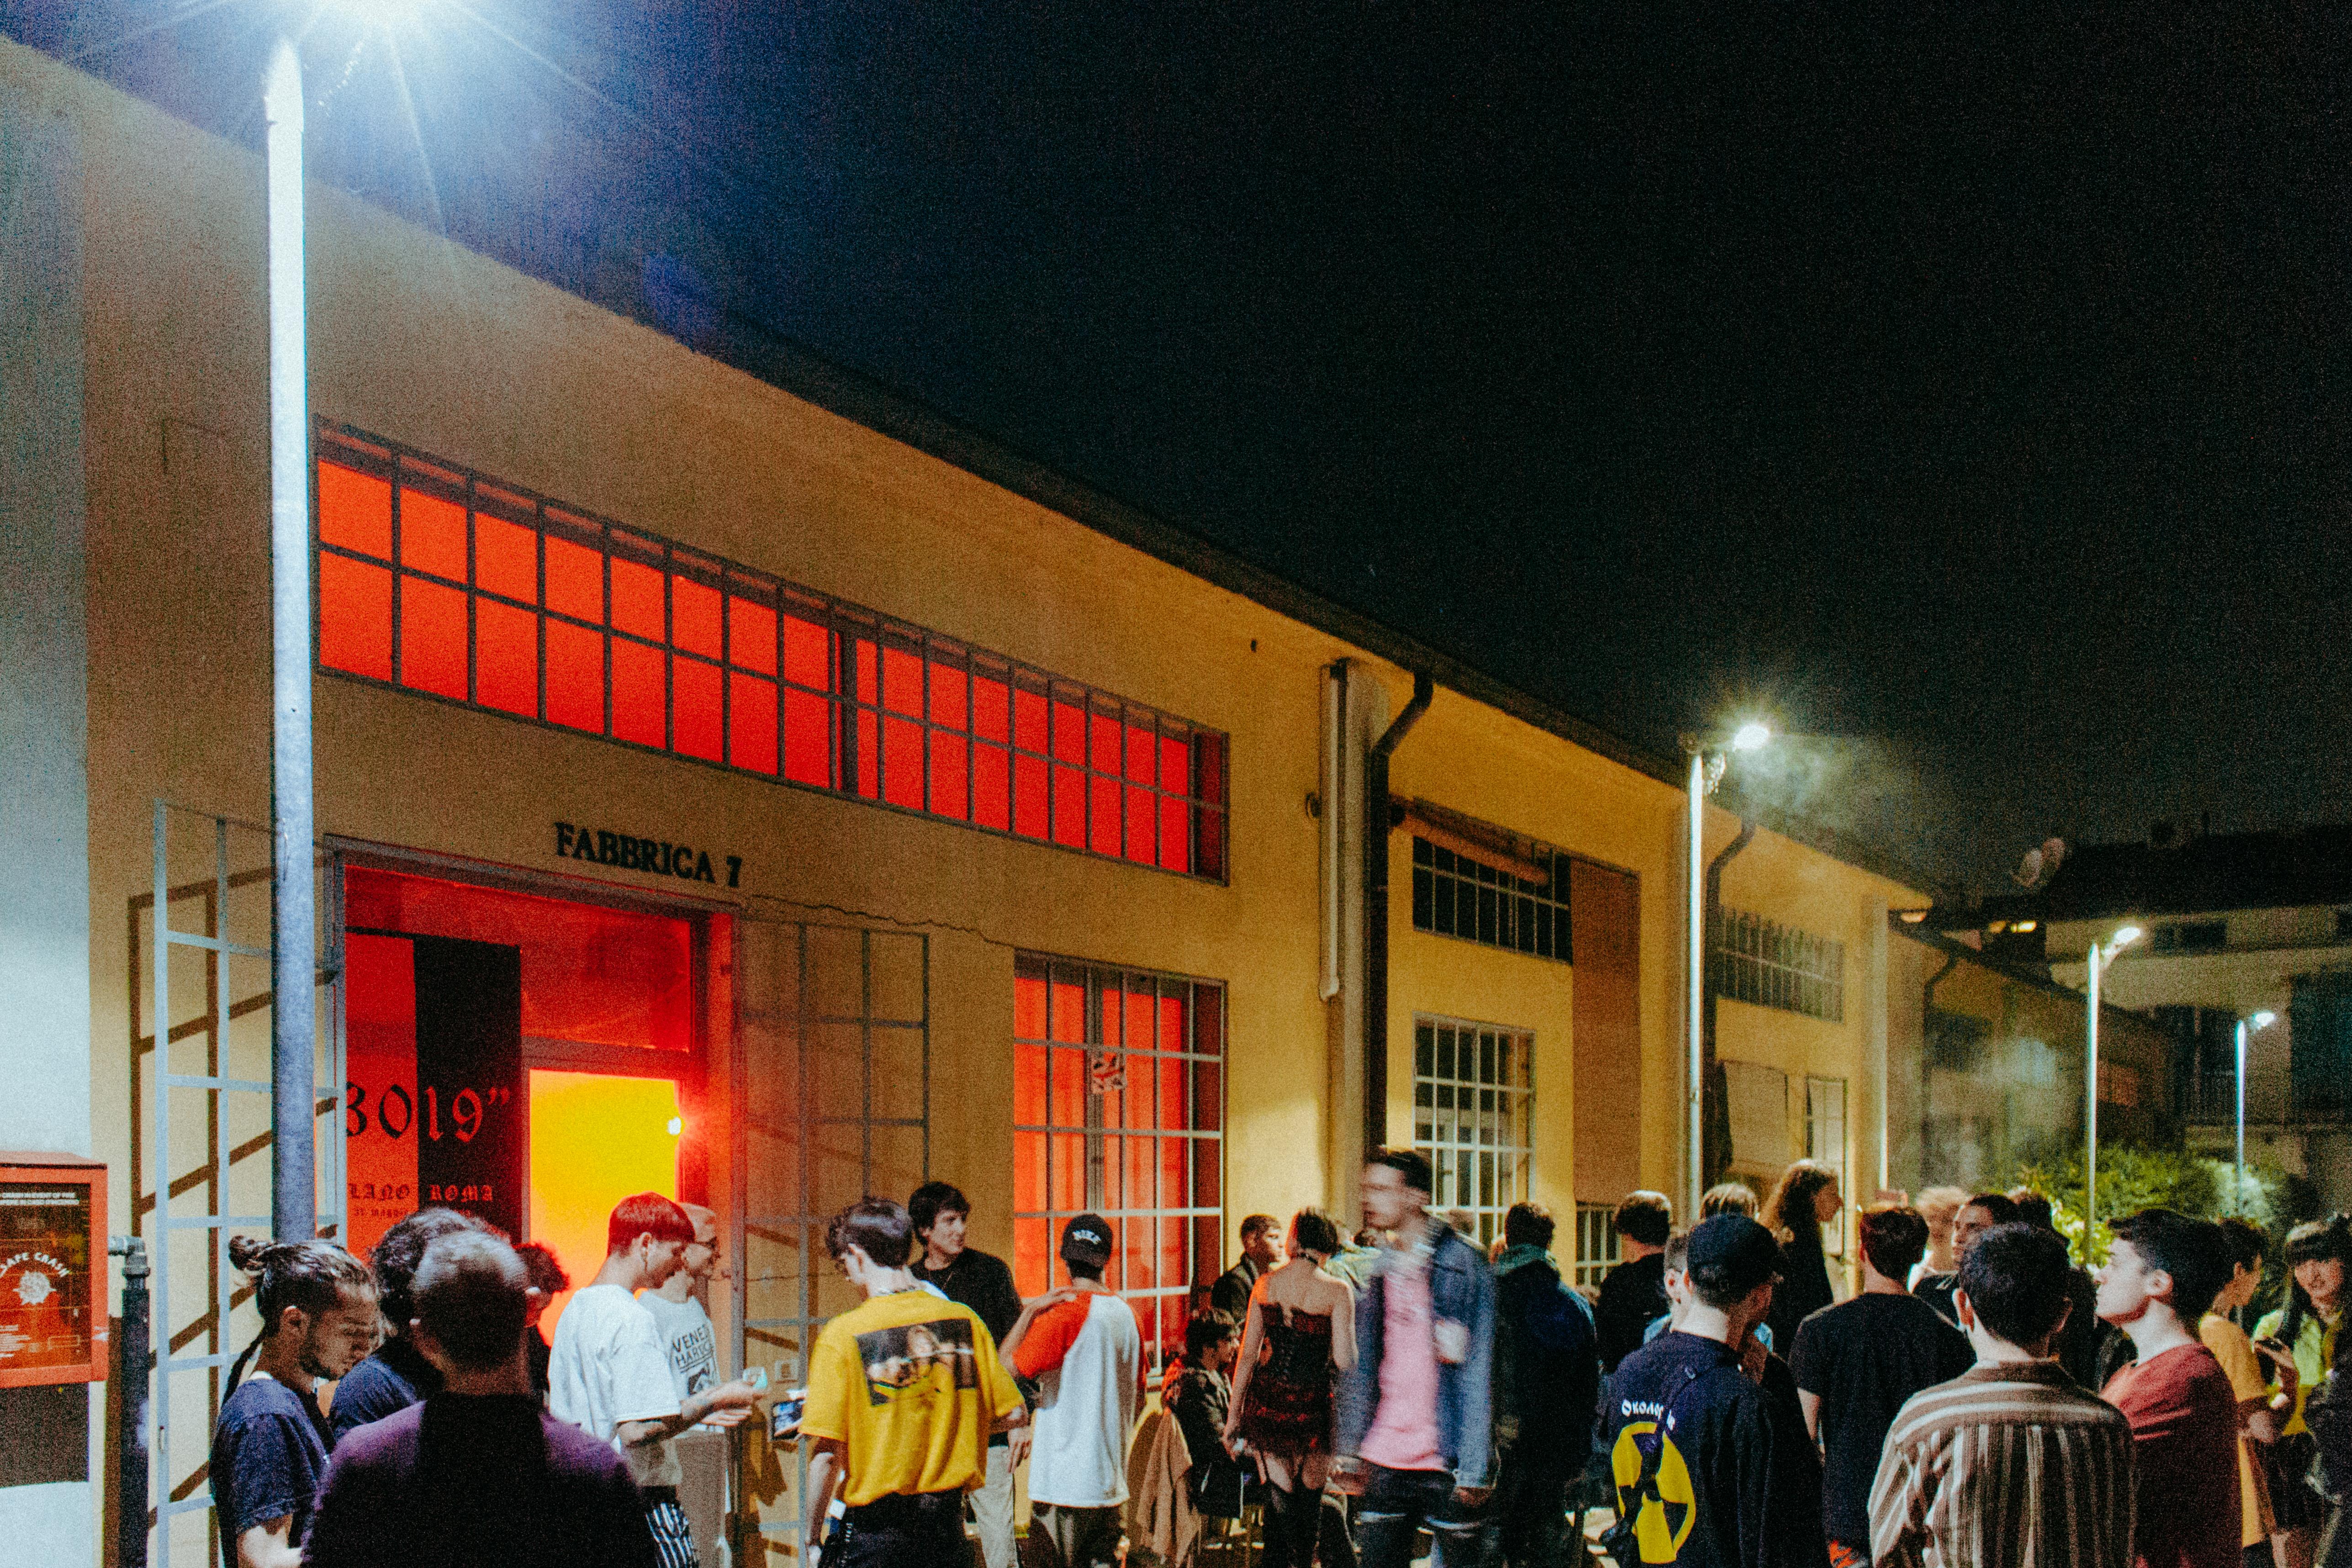 Davanti Fabbrica 7 - foto di Hélio Gomes